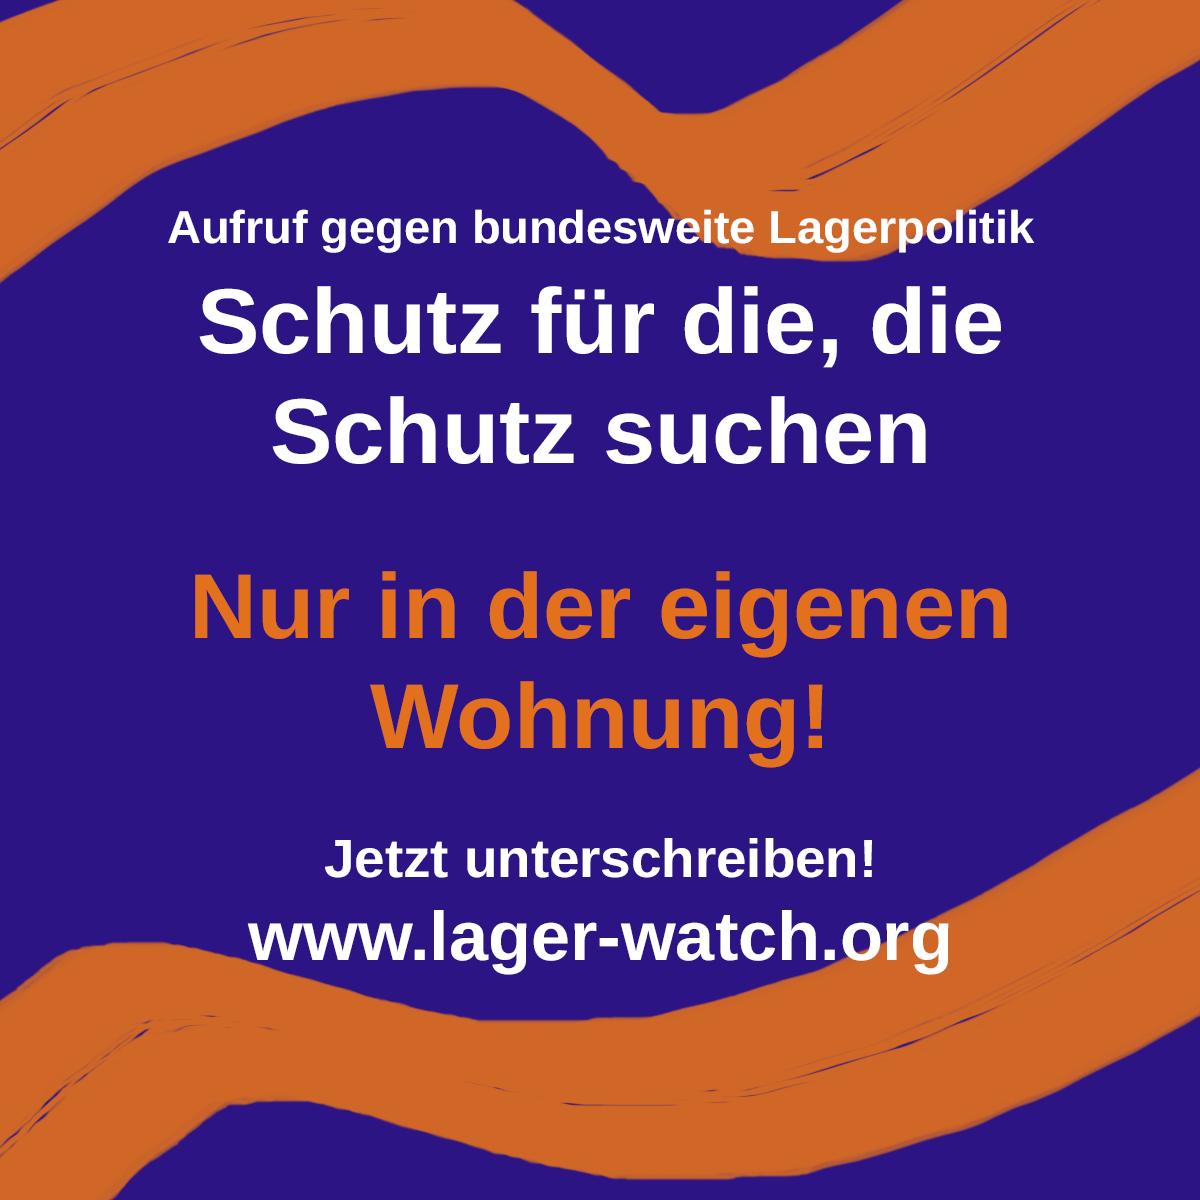 Ein Bild mit Text. Der Text lautet: Aufruf gegen bundesweite Lagerpolitik. Schutz für die, die Schutz suchen. Nur in der eigenen Wohnung! Jetzt unterschreiben! www.lager-watch.de